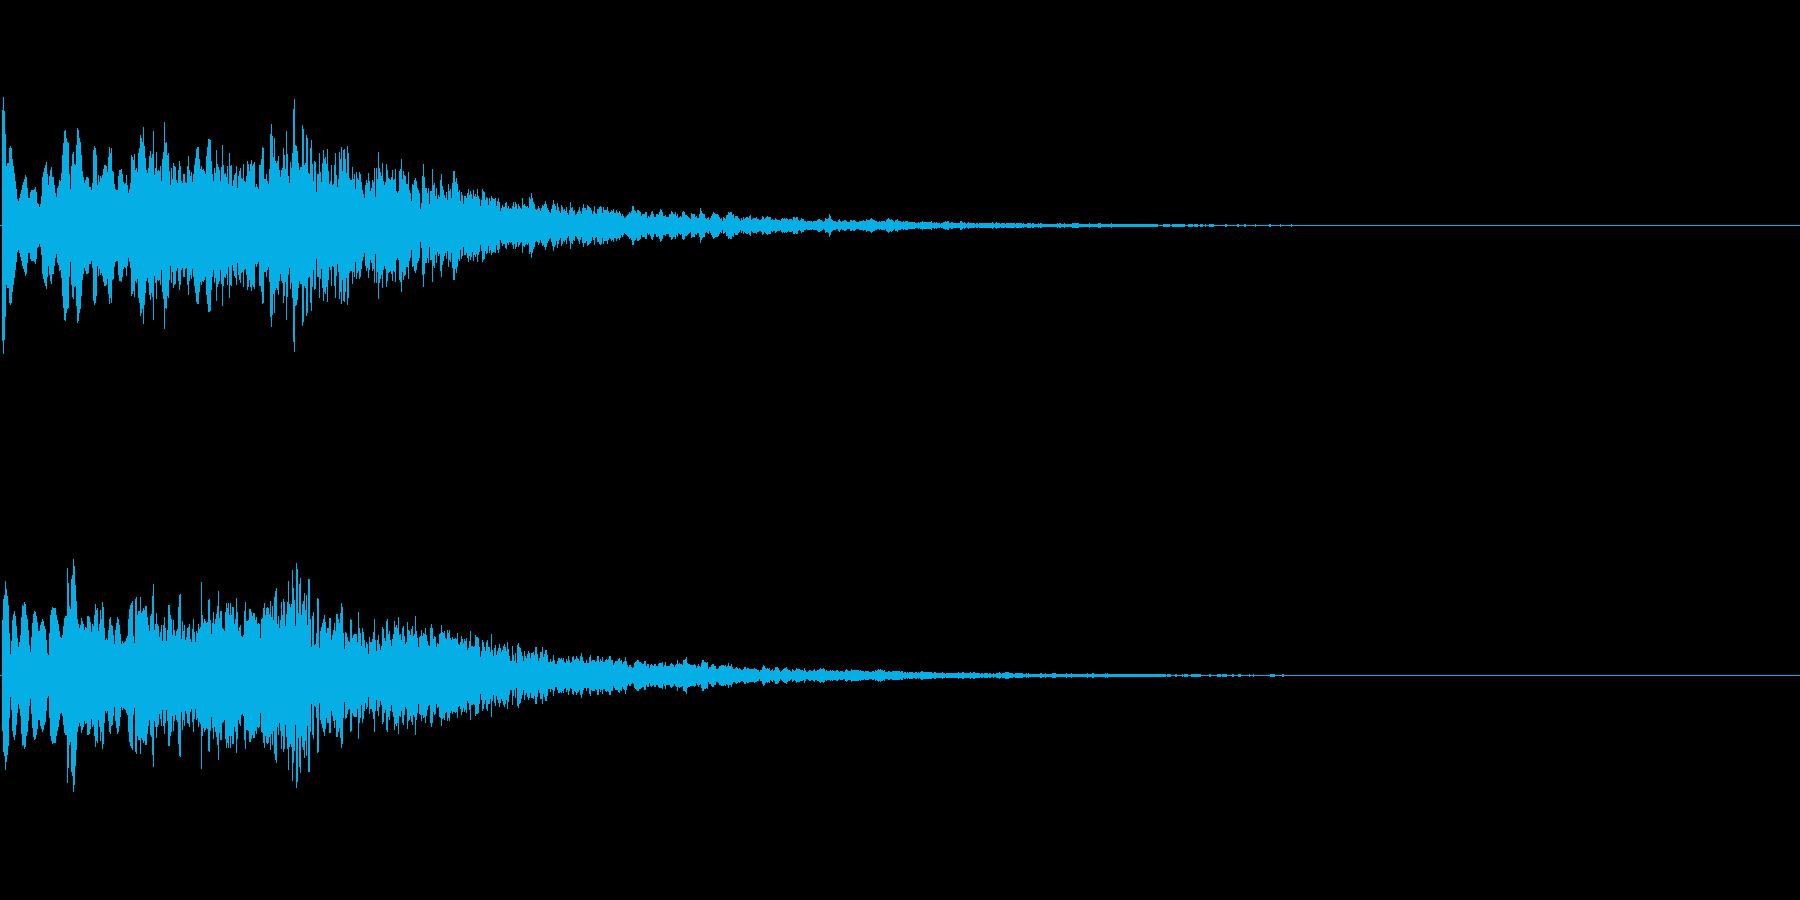 キラーン(決定音、アプリ、ゲームに)の再生済みの波形